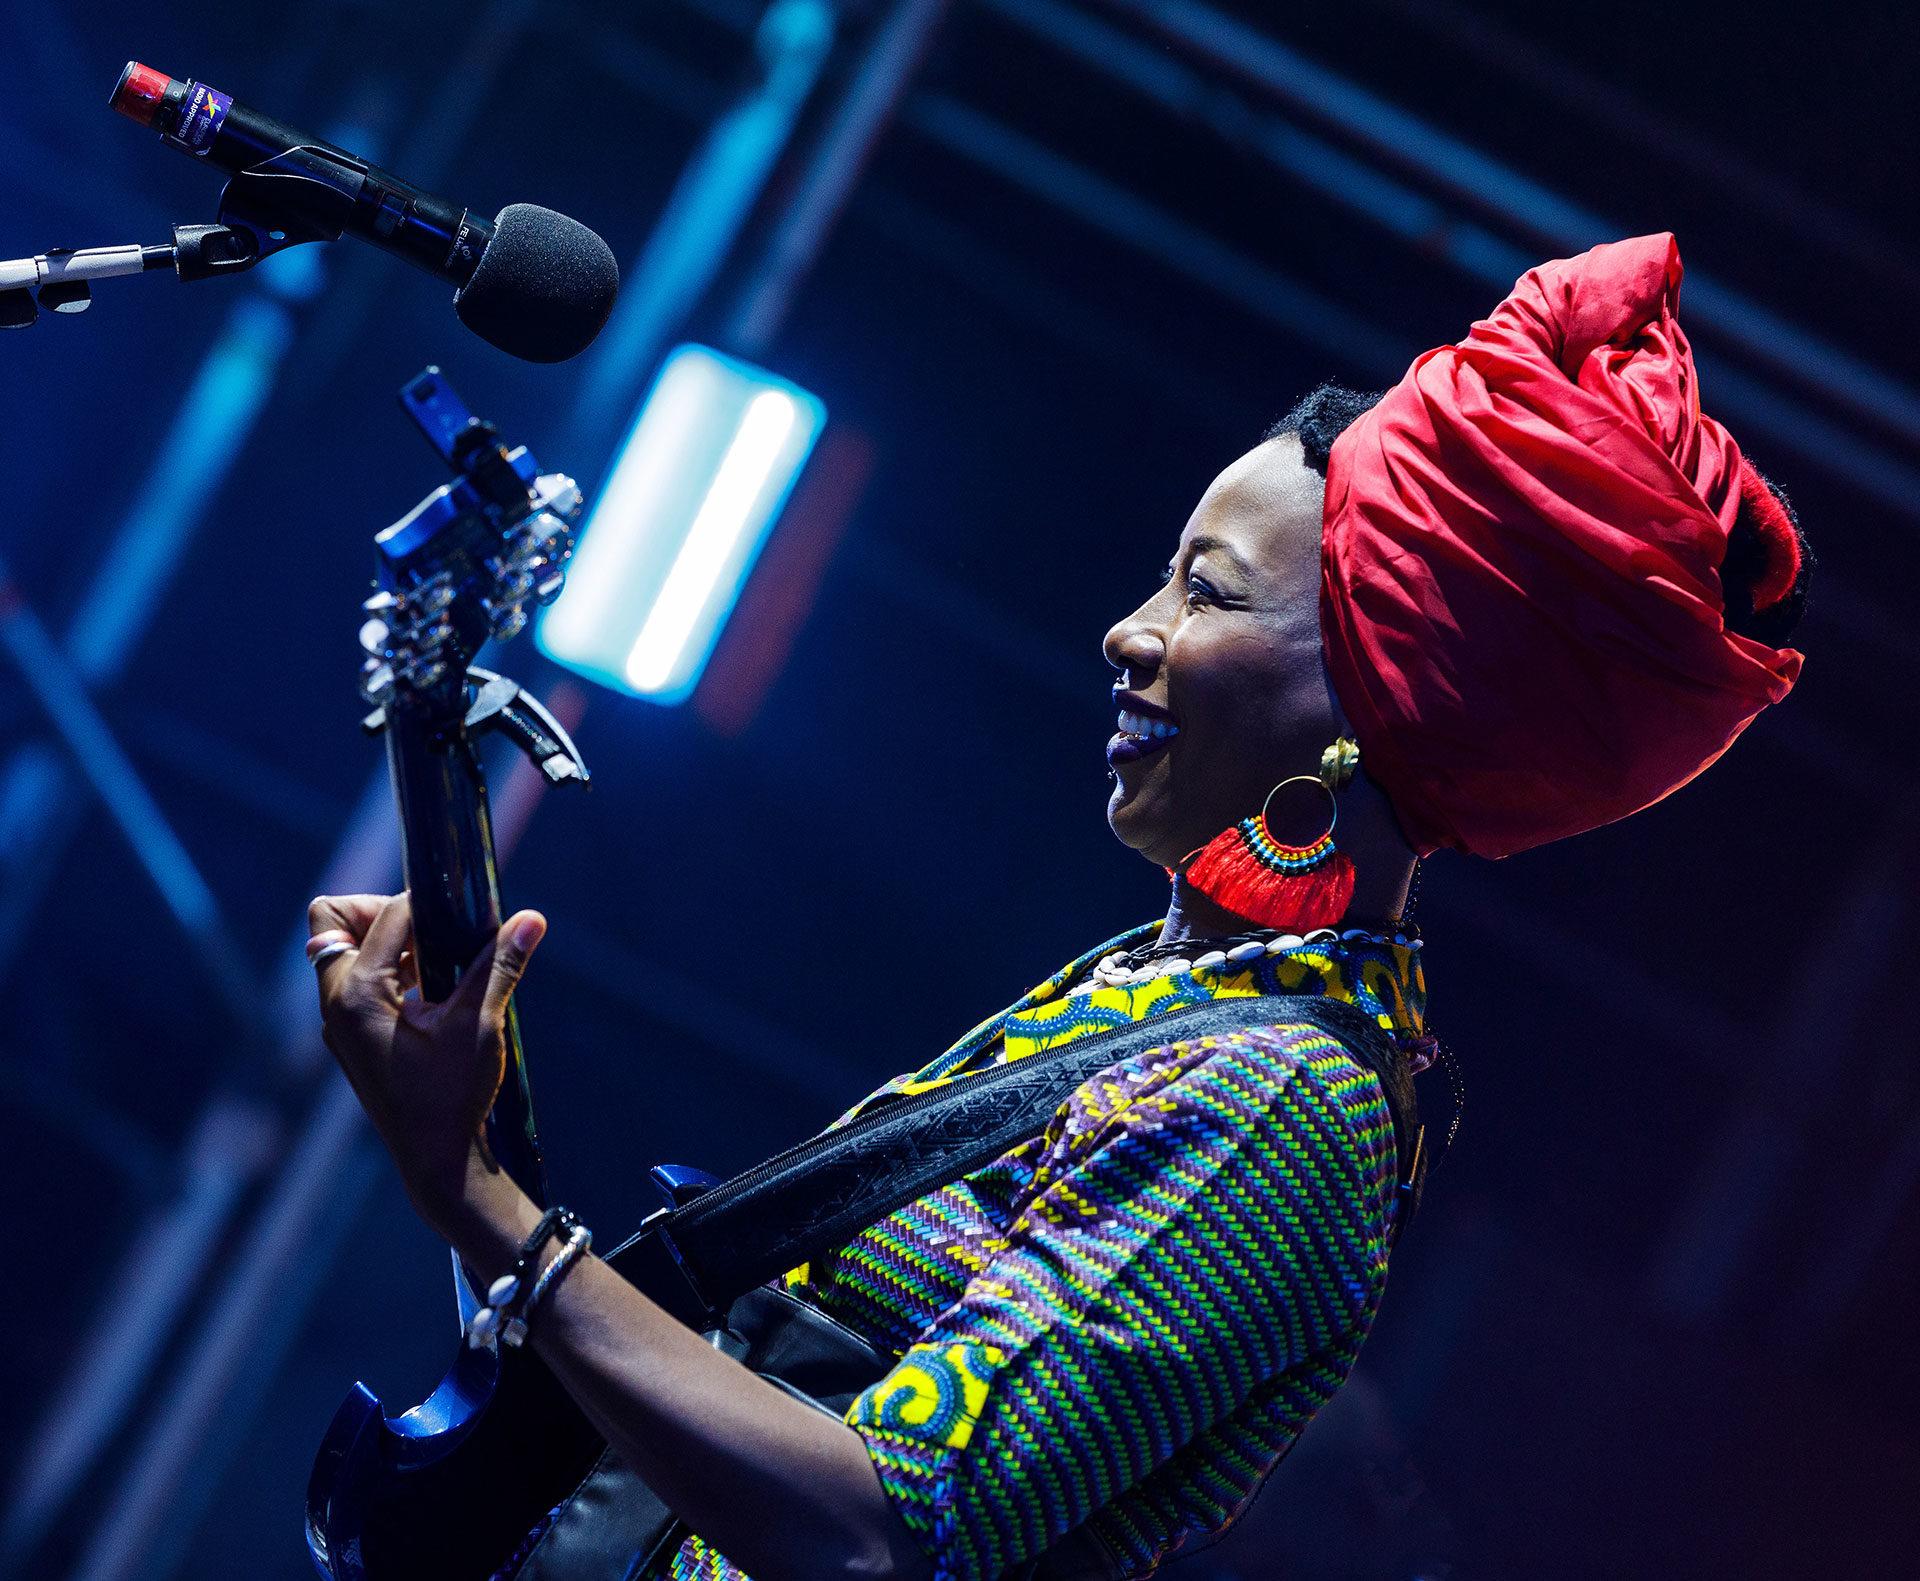 Fatoumata-Diawara-Glasgow-Festival-2018_0159full-res_©Kenny-Mathieson